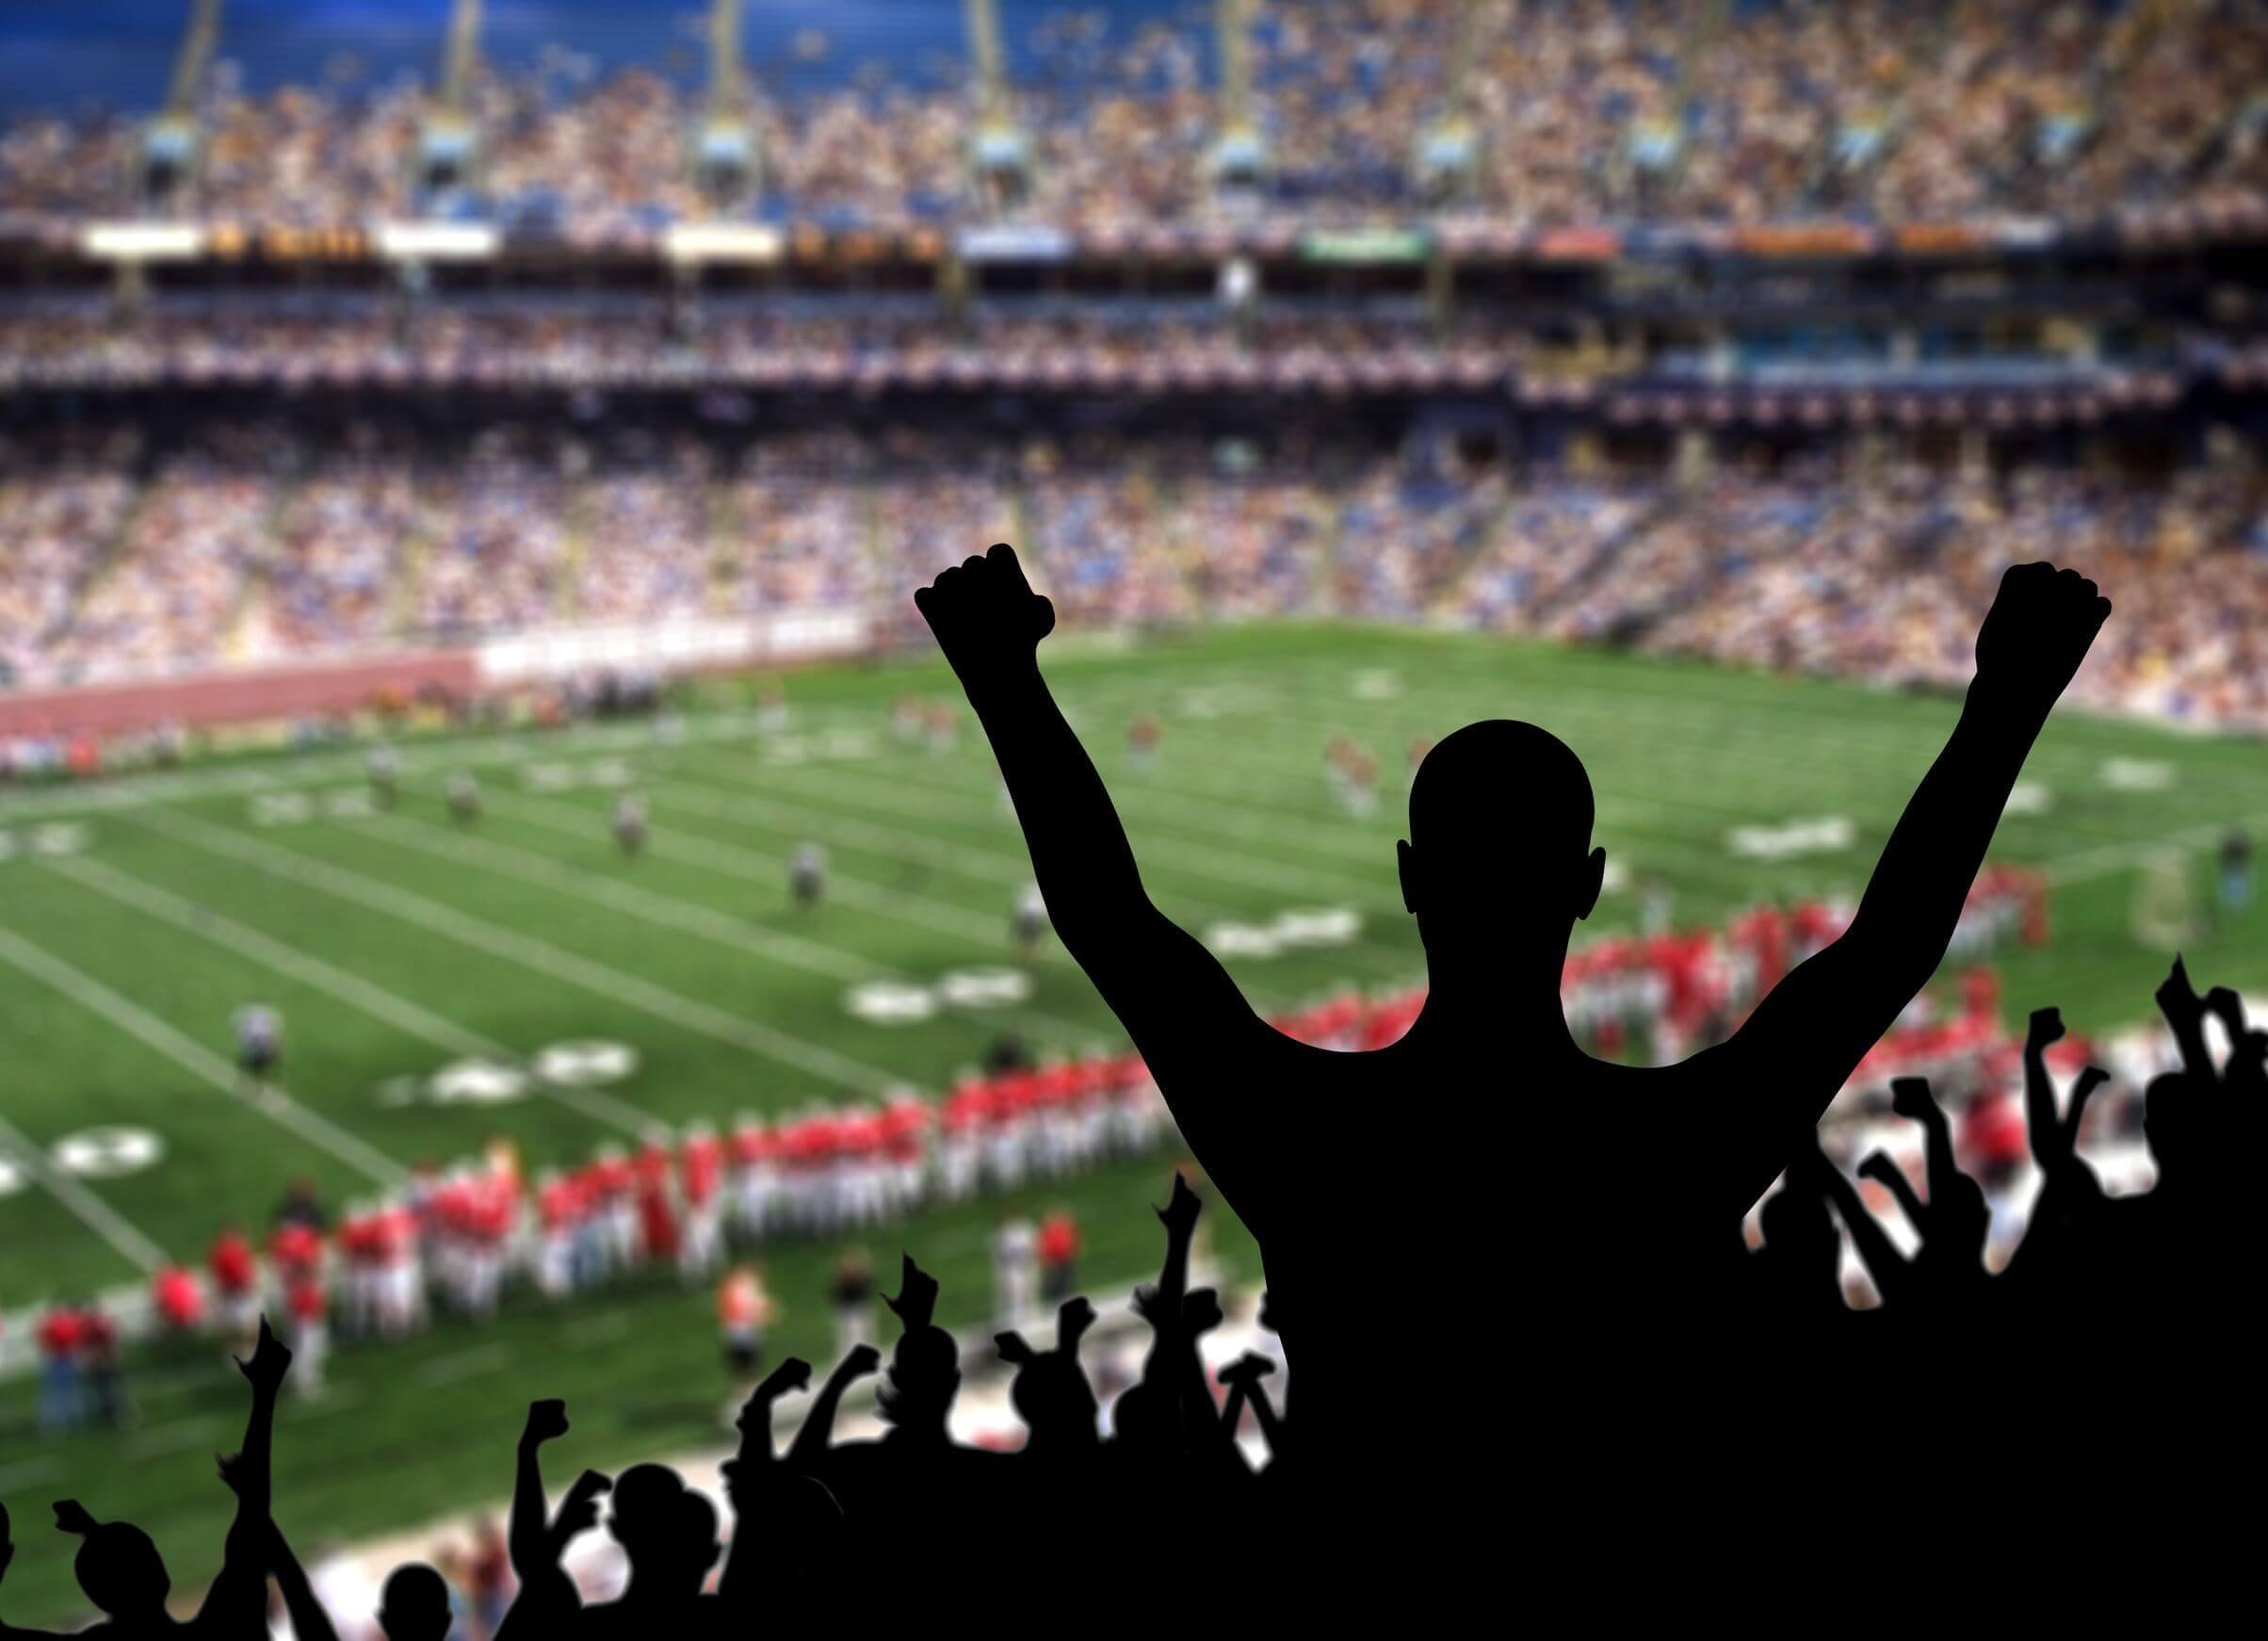 Les lignes sportives américaines demandent la légalisation urgente des paris sportifs uniques canadiens